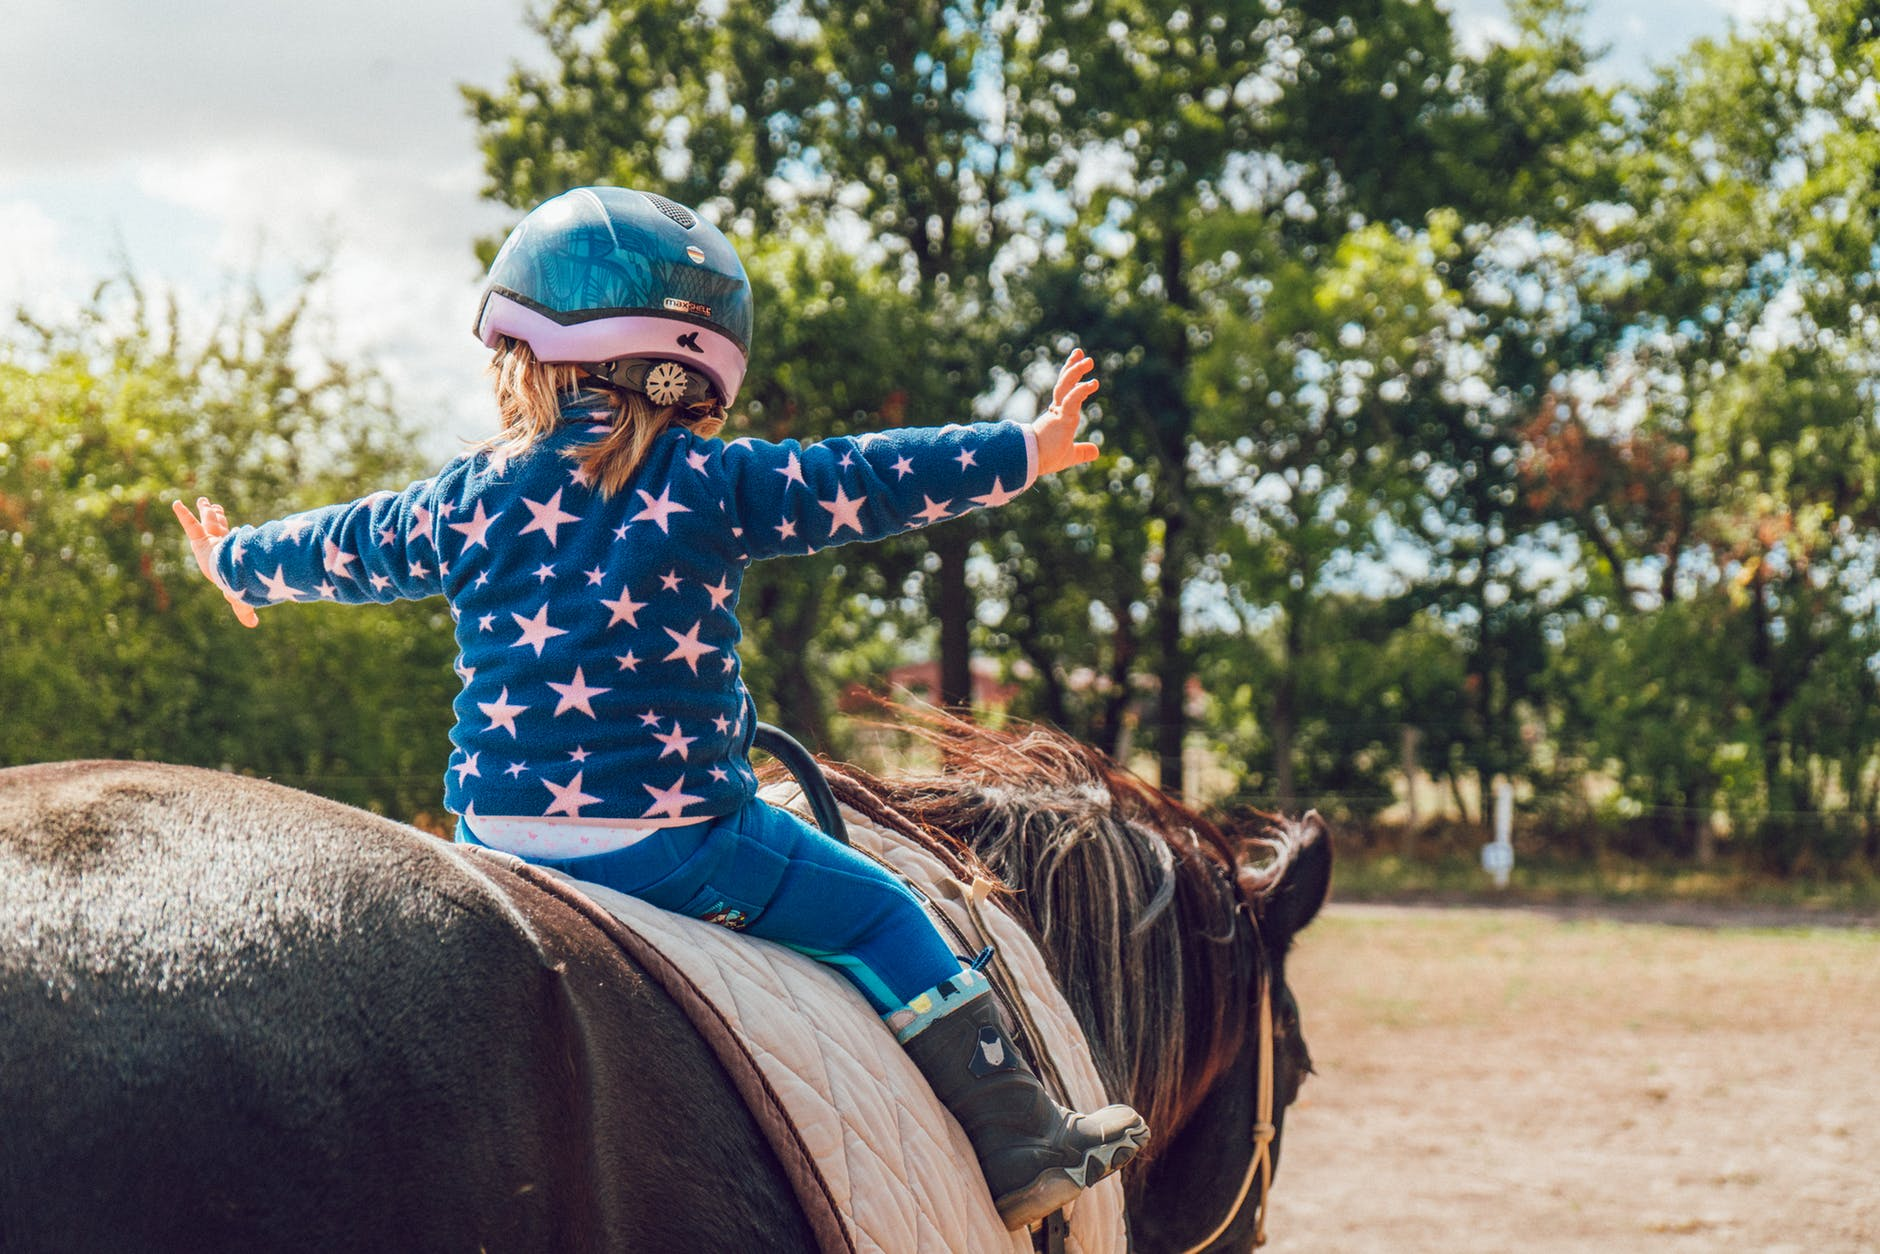 Lille pige ridder på hest